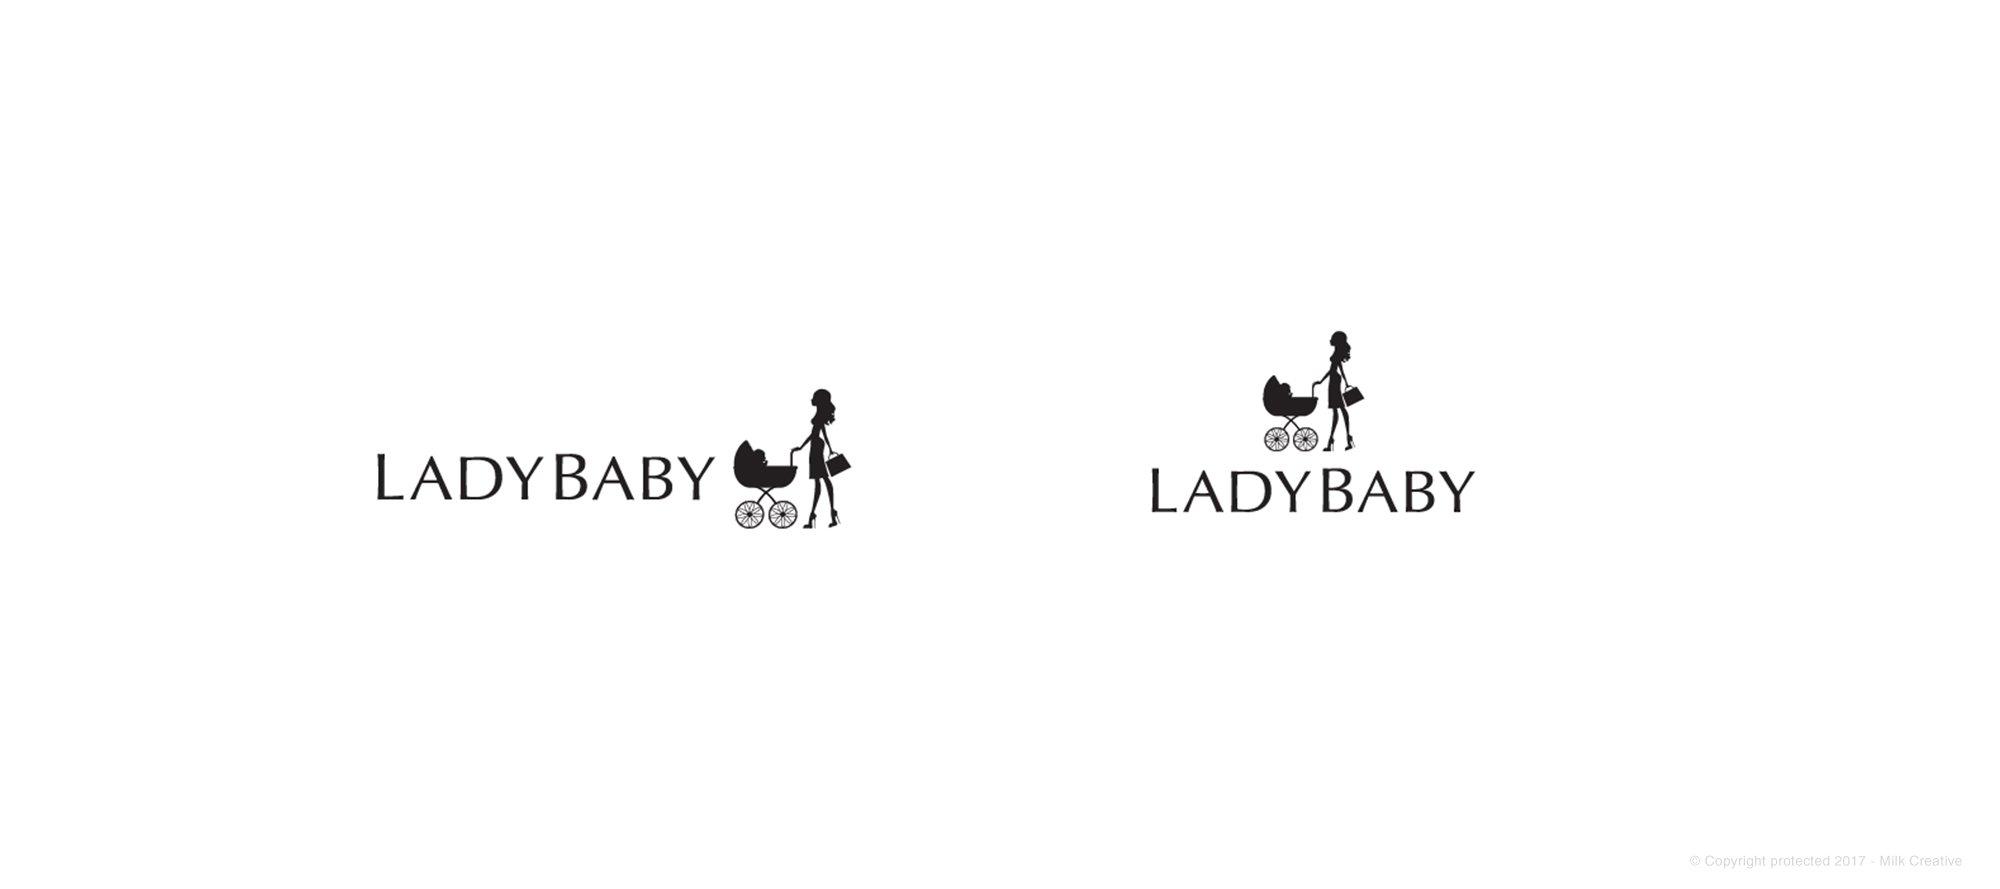 Ladybaby logo